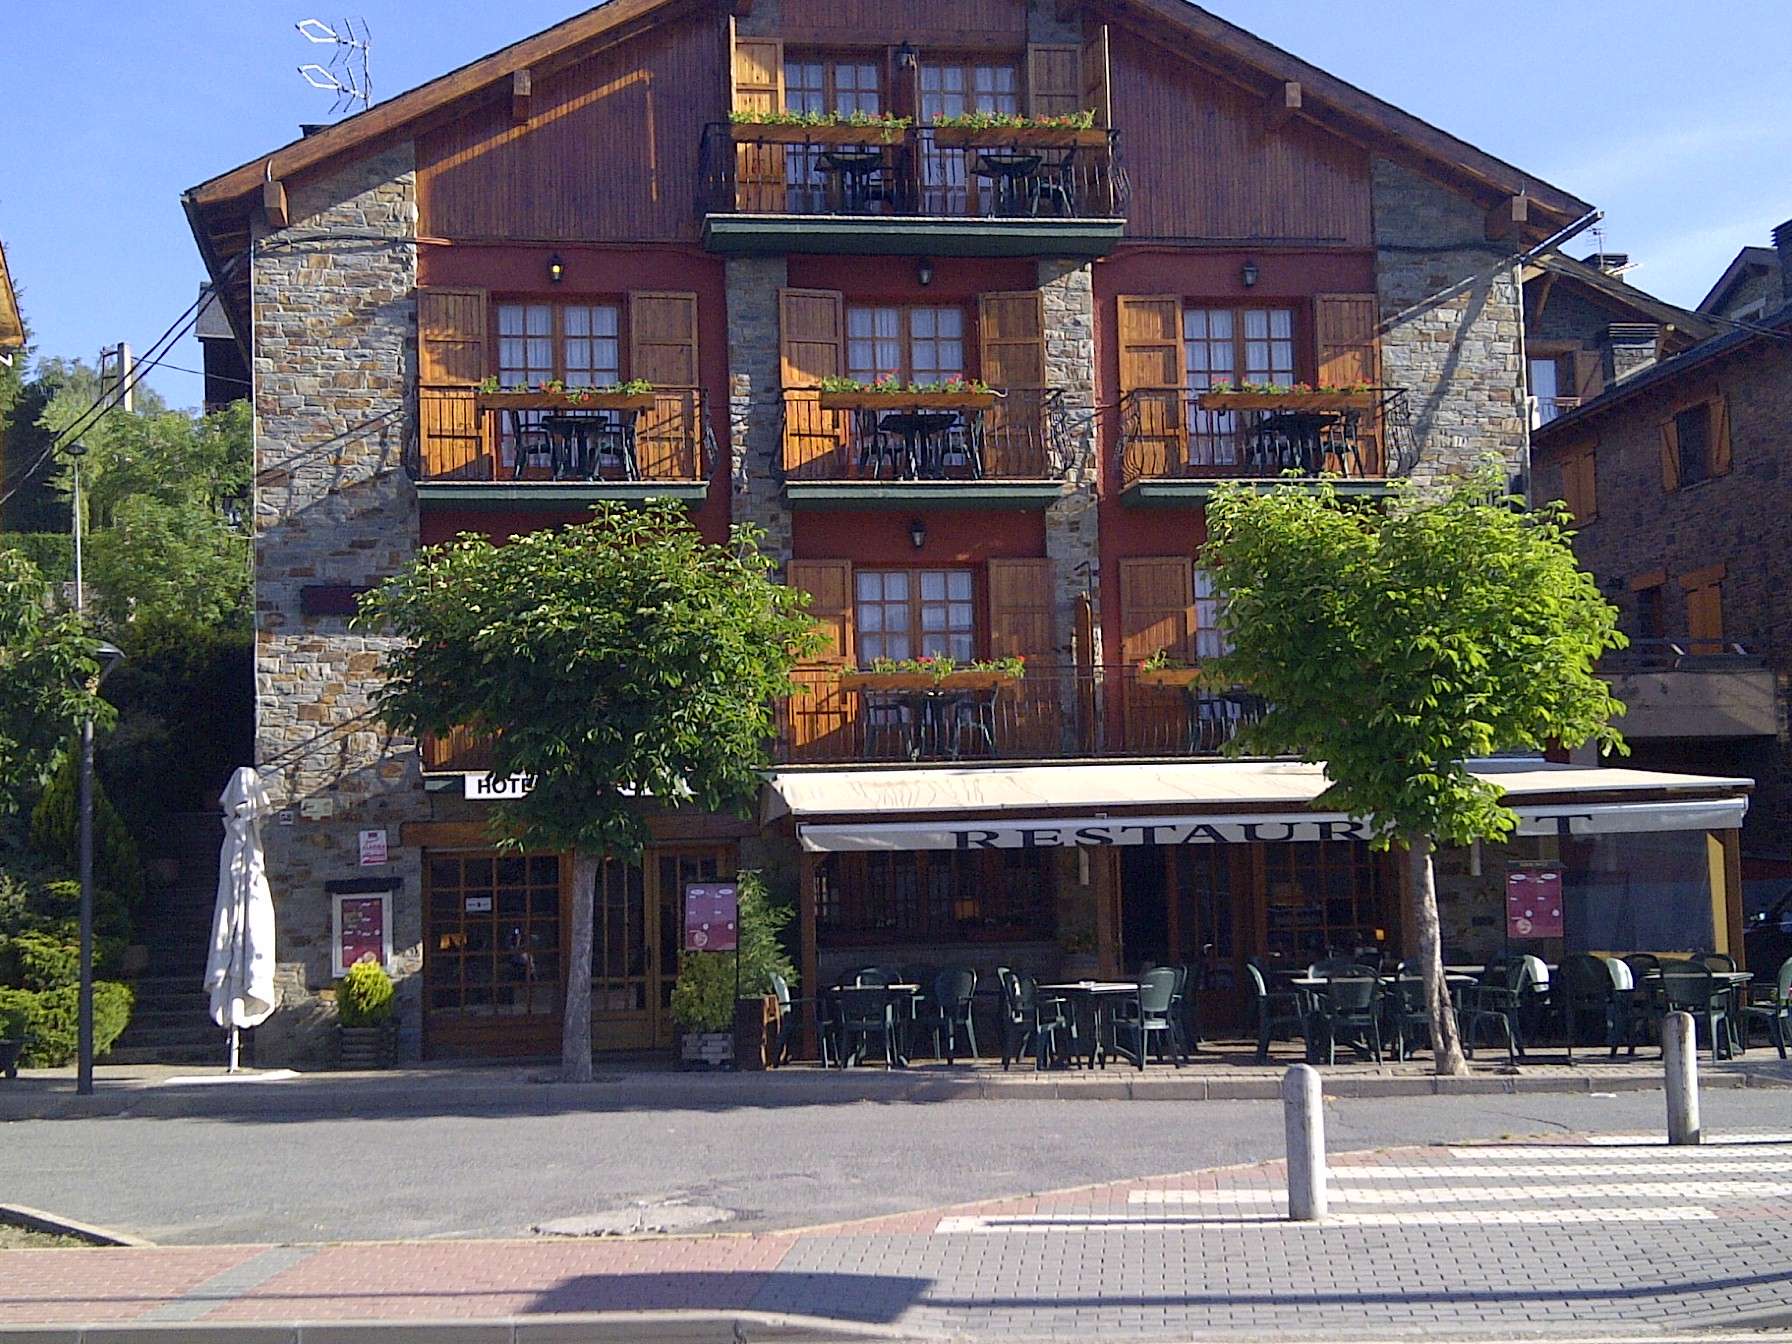 Hotel restaurante esquirol lugares de nieve for Hotel familiar montana